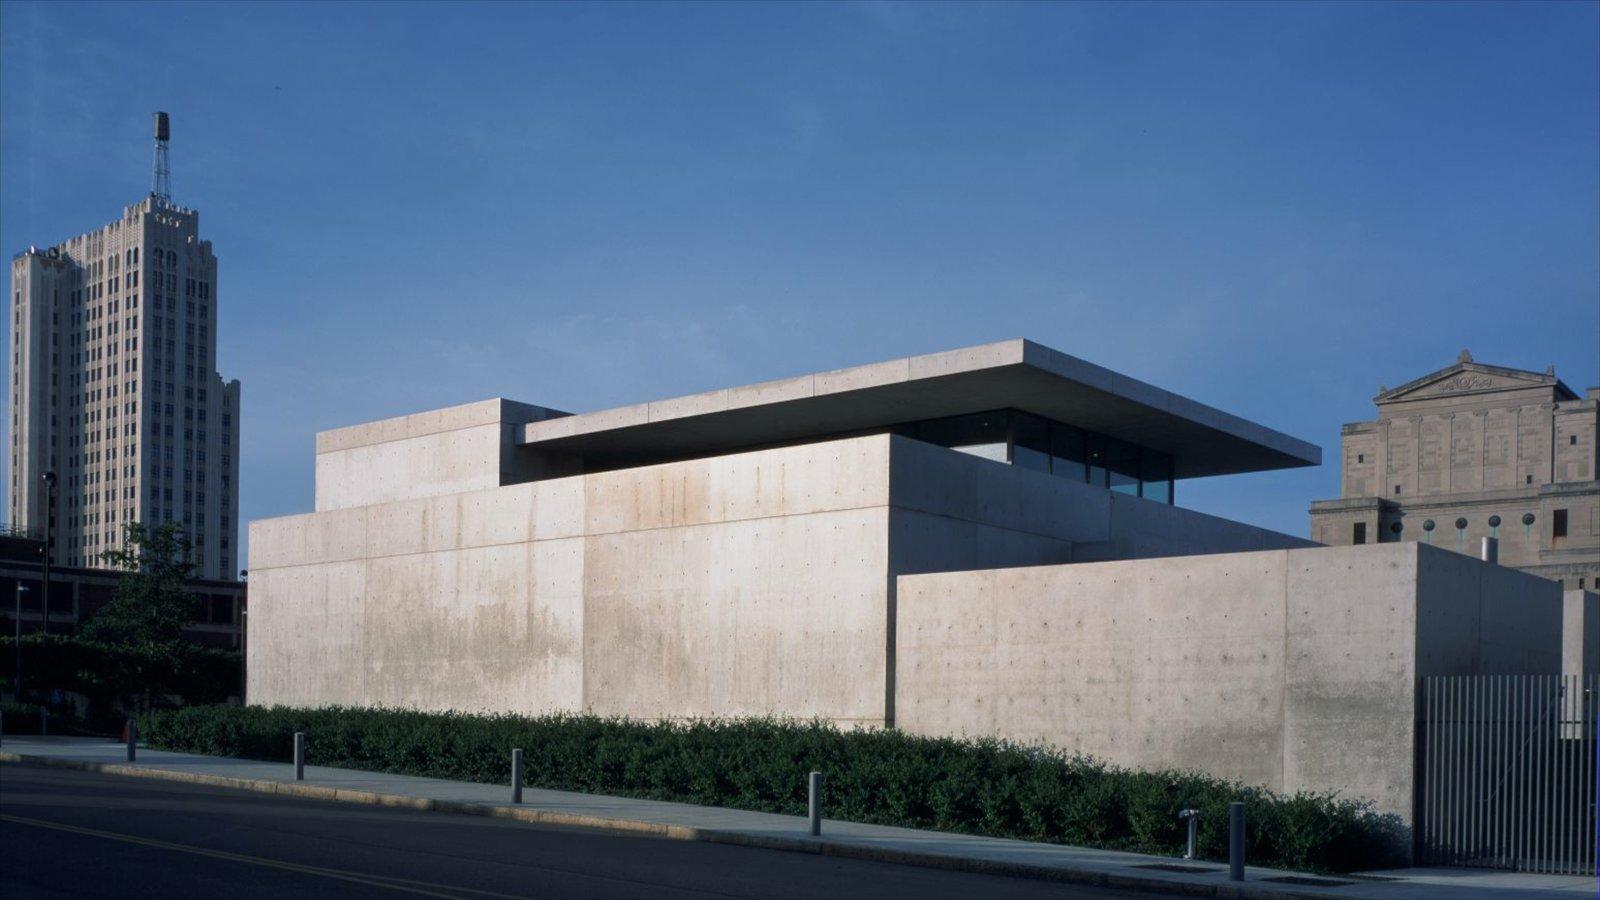 Pulitzer Foundation for the Arts mostrando arte, arquitetura moderna e um edifício